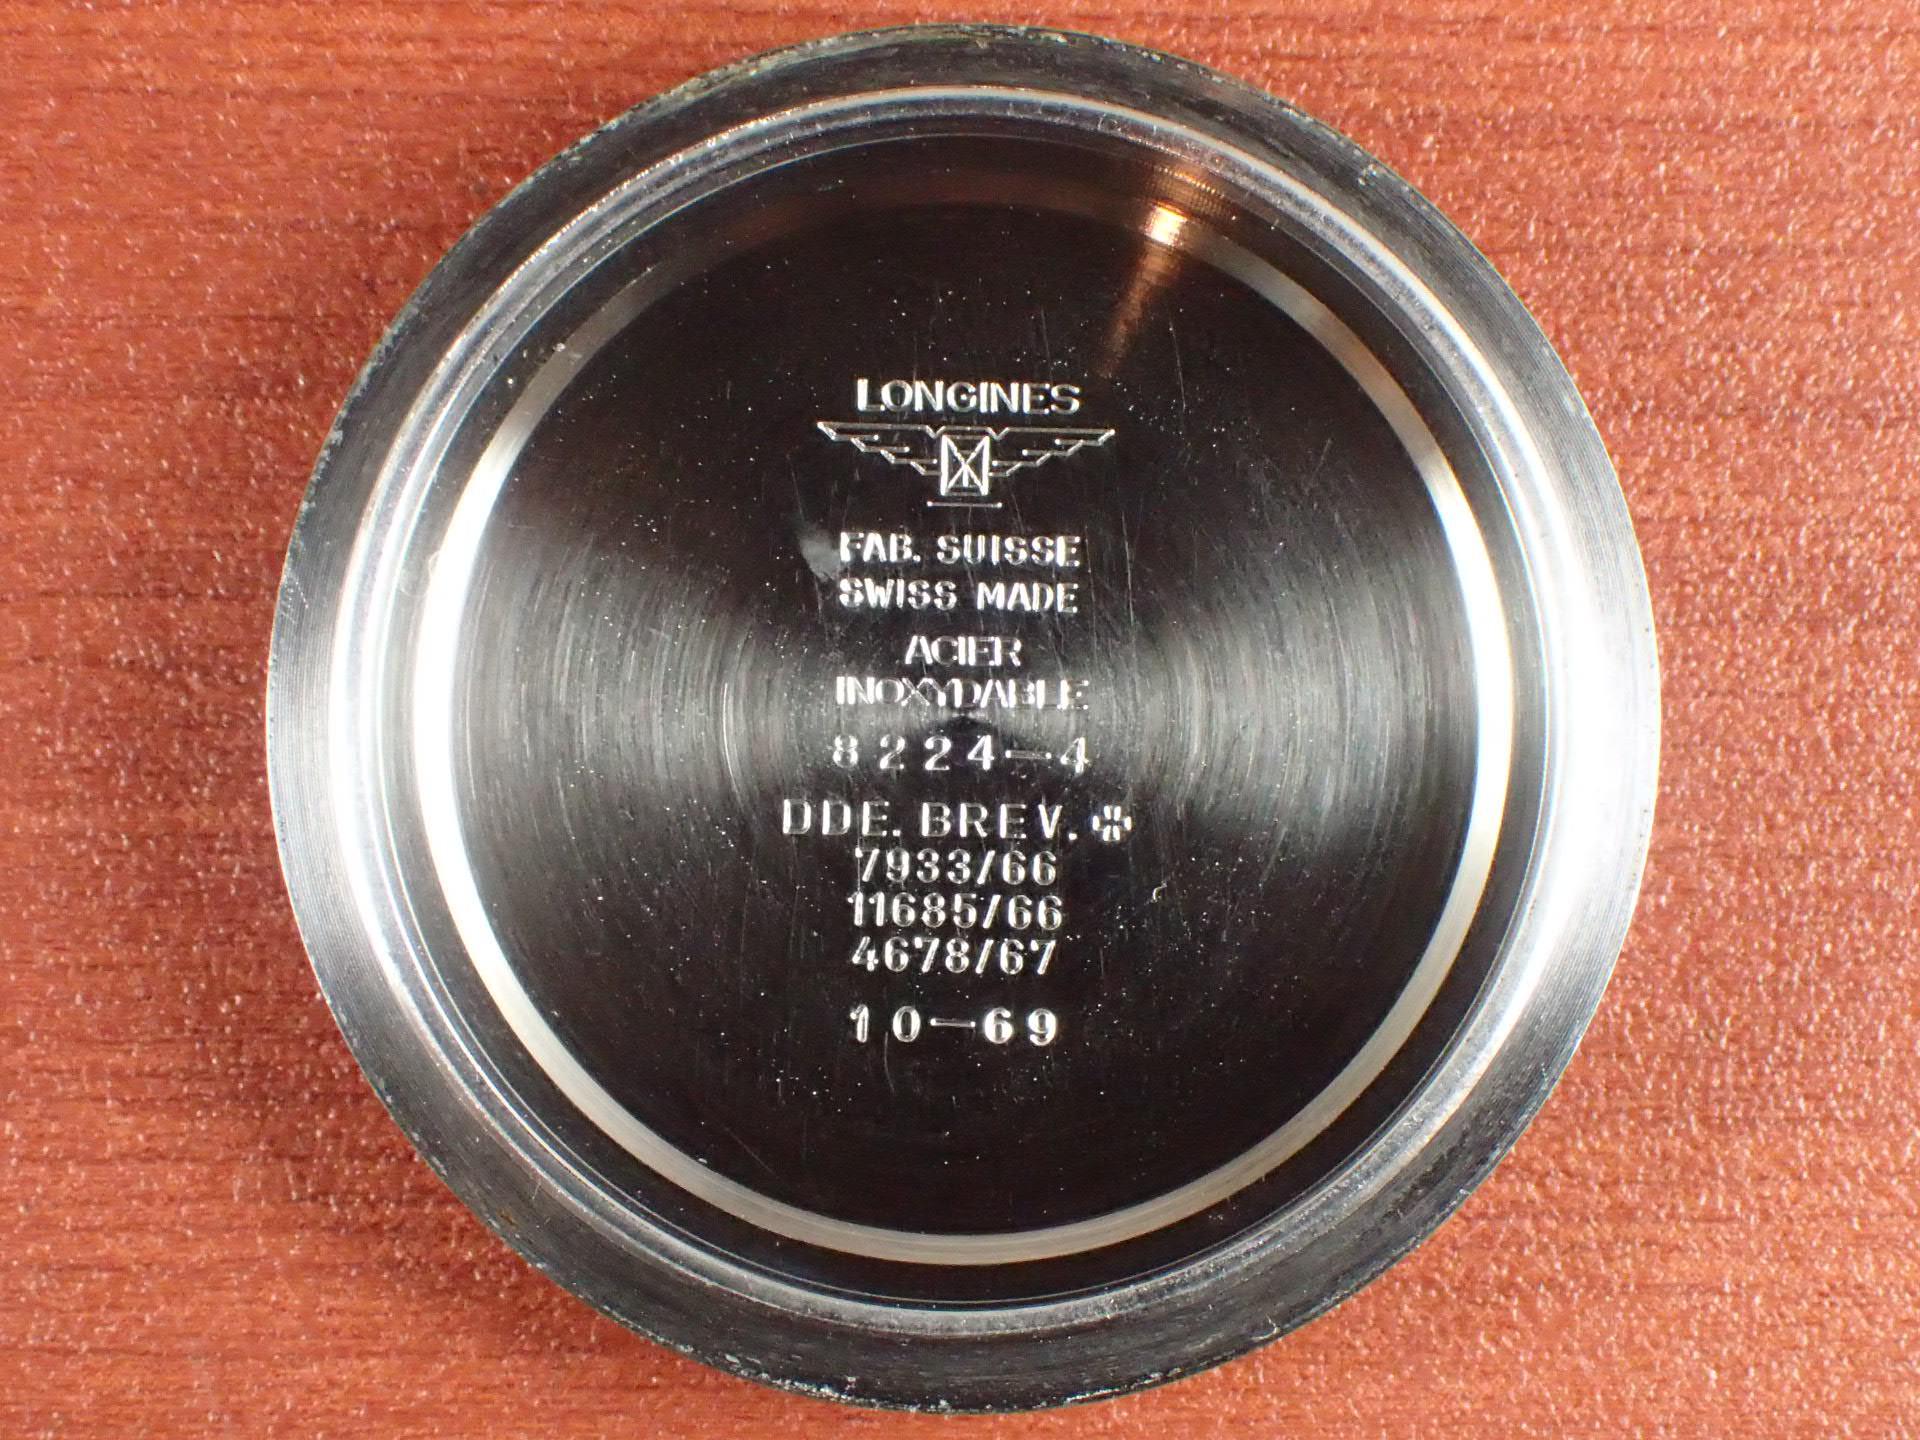 ロンジン クロノグラフ バルジュー72 シースルーバック付き 1970年代の写真6枚目